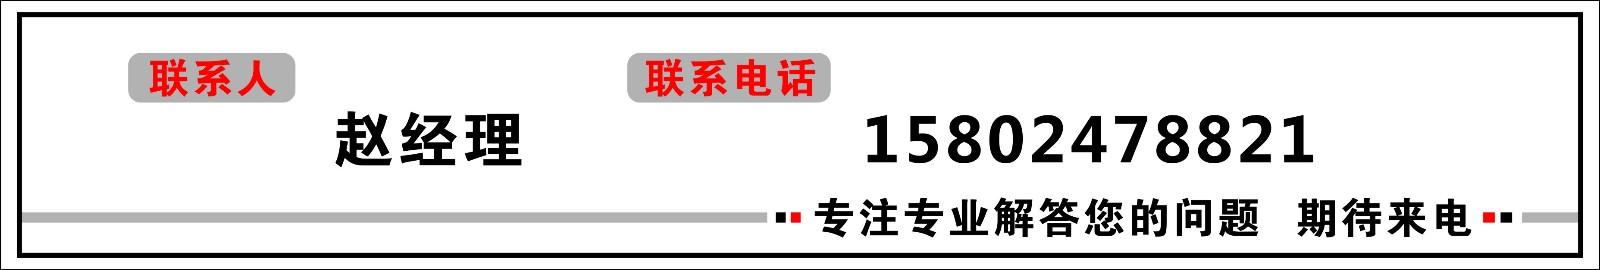 高杆灯研发生产一条龙企业|高杆灯-沈阳市宏耀伟业灯具制造有限公司